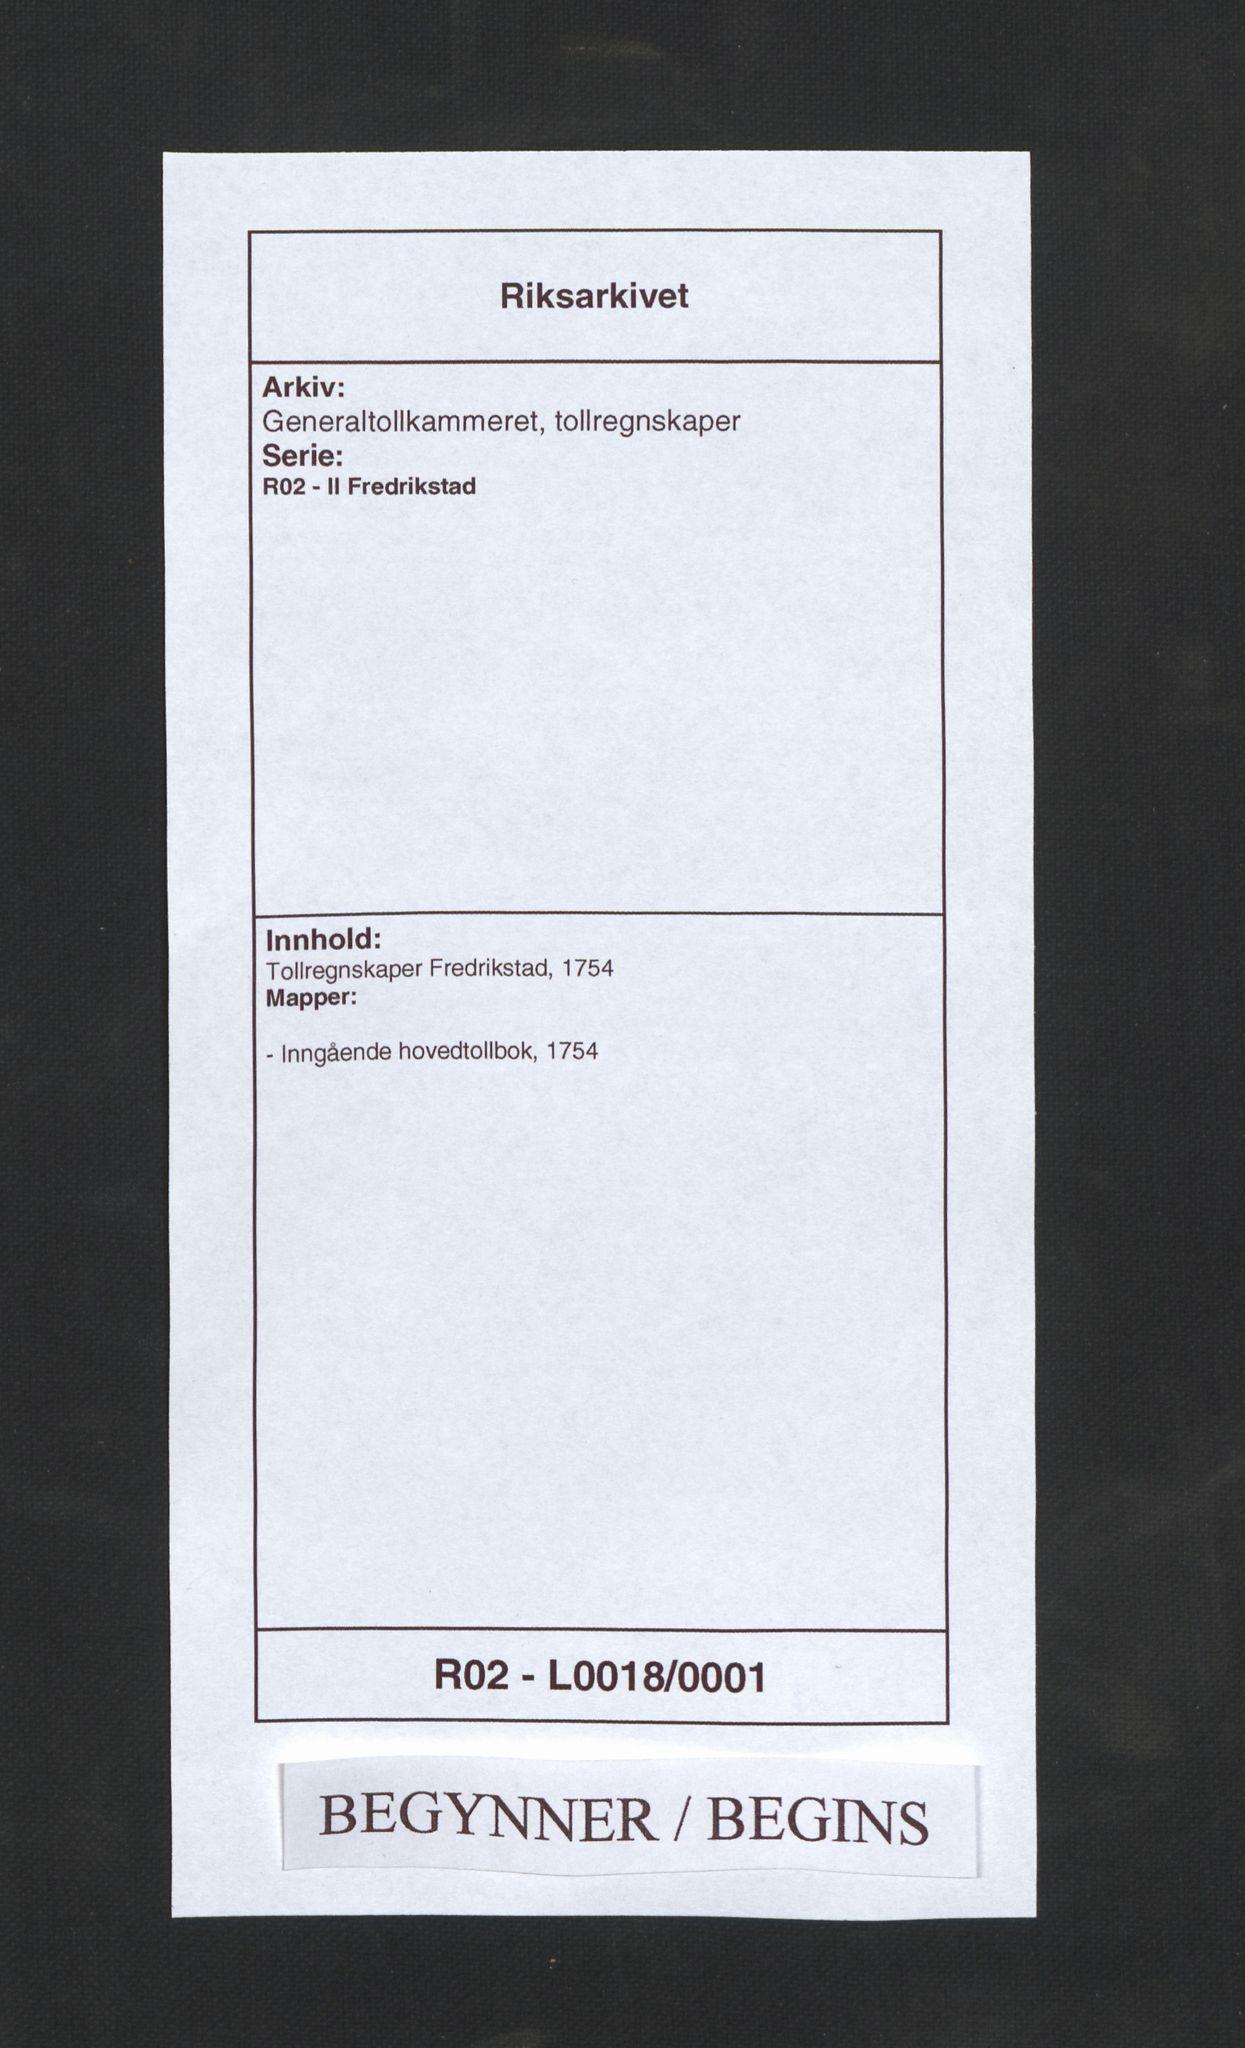 RA, Generaltollkammeret, tollregnskaper, R02/L0018: Tollregnskaper Fredrikstad, 1754